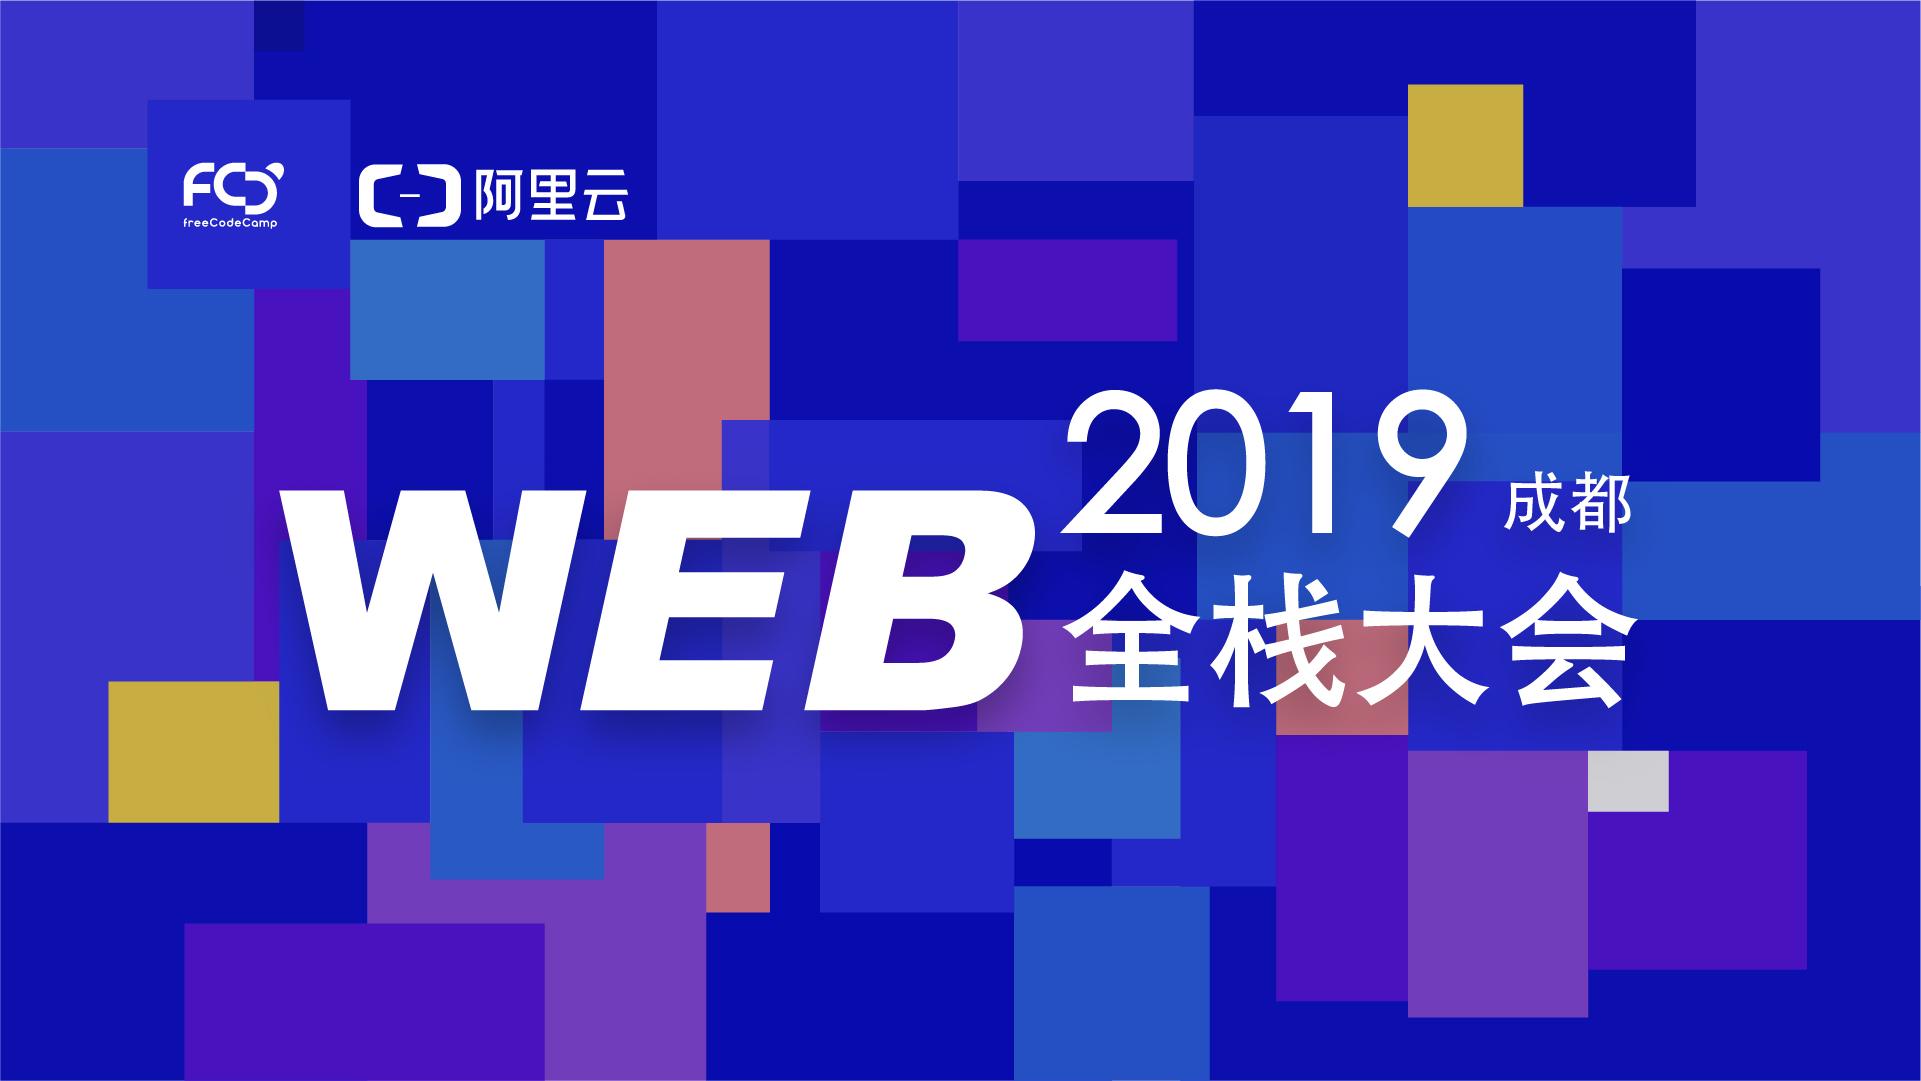 【2019 成都 Web 全栈大会】大咖特辑